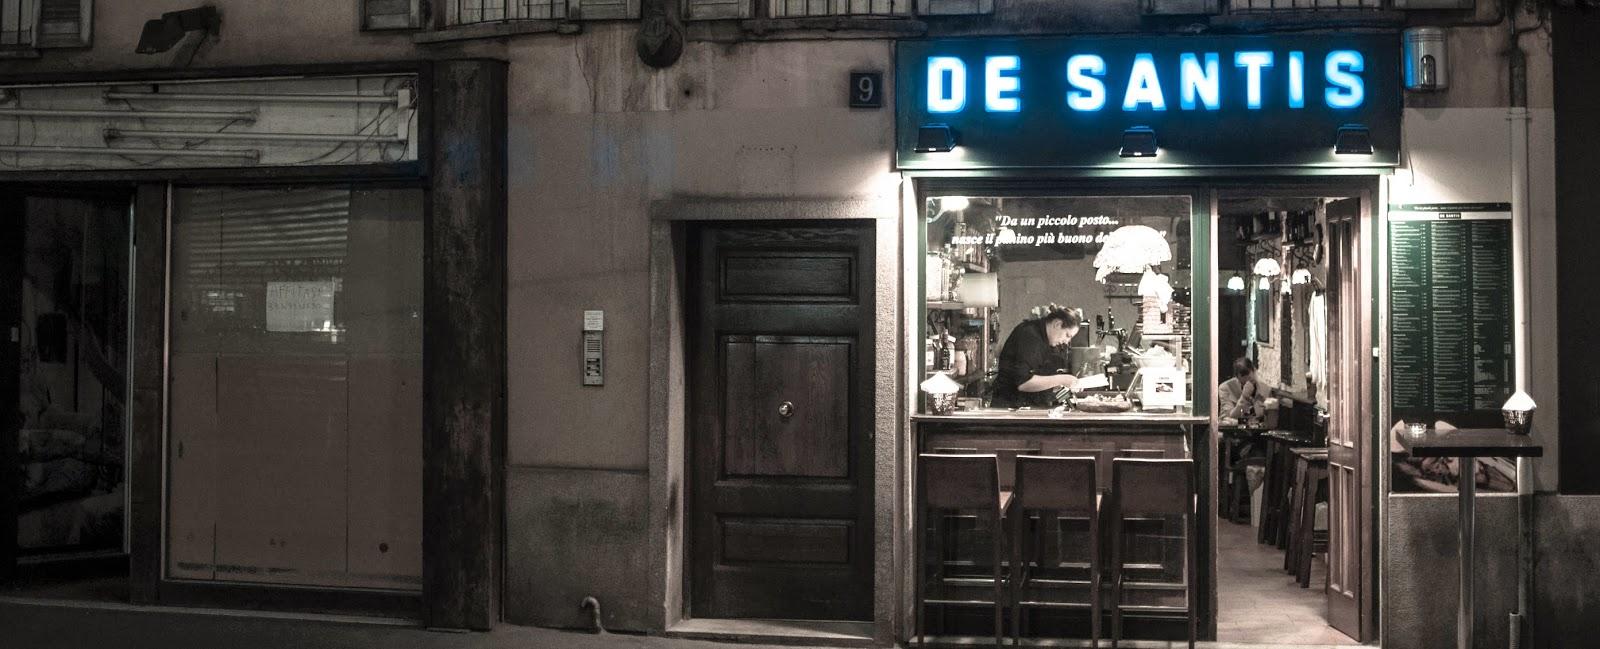 Son Öğle Yemeğinde Panzerotto Yiyen İnsanlar Diyarı Milano